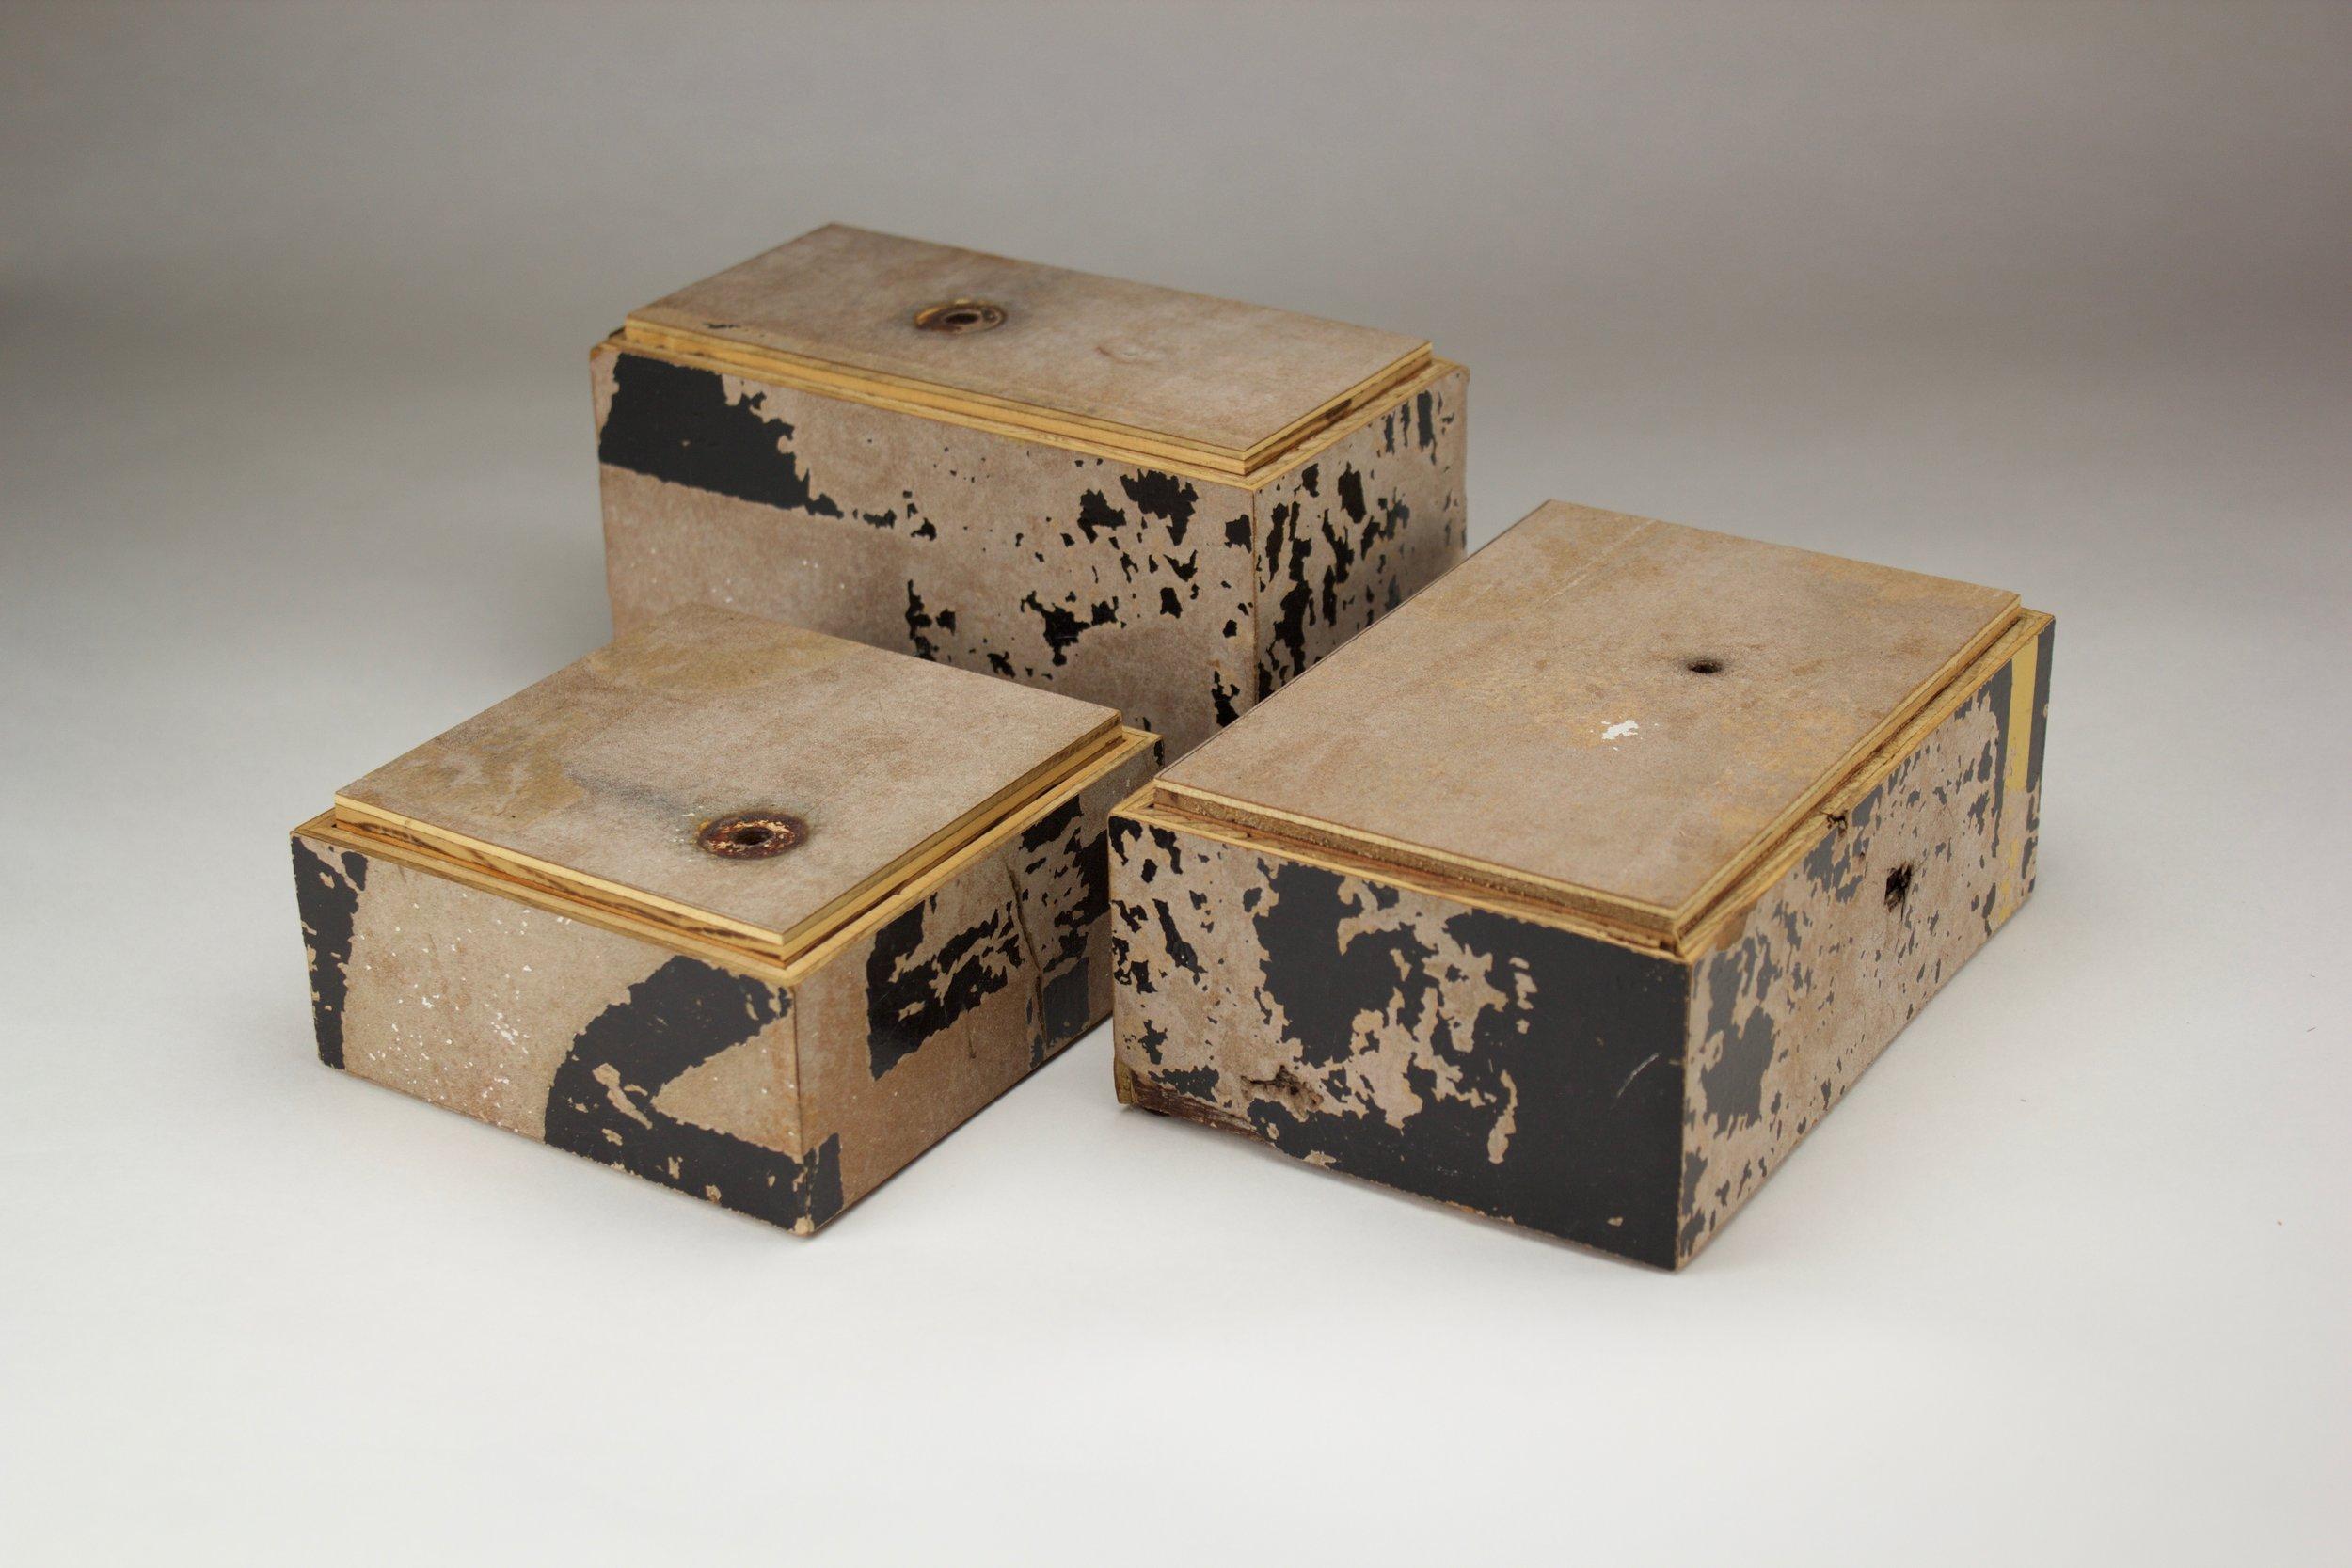 Century 21 Boxes , 2015